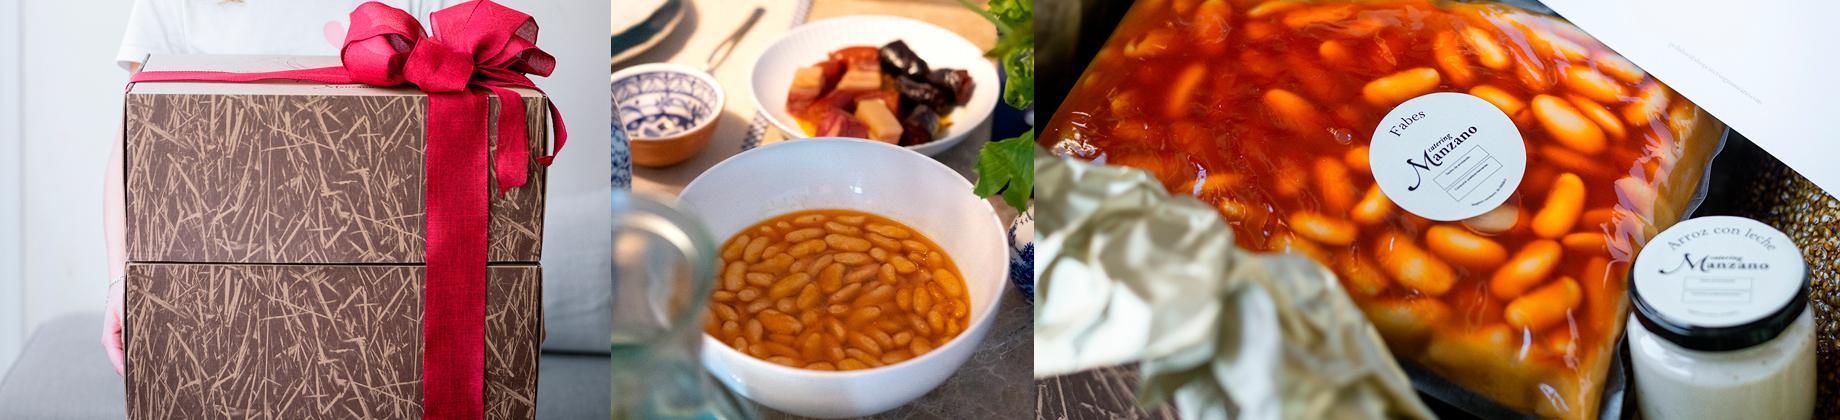 Catering Manzano Menú 2